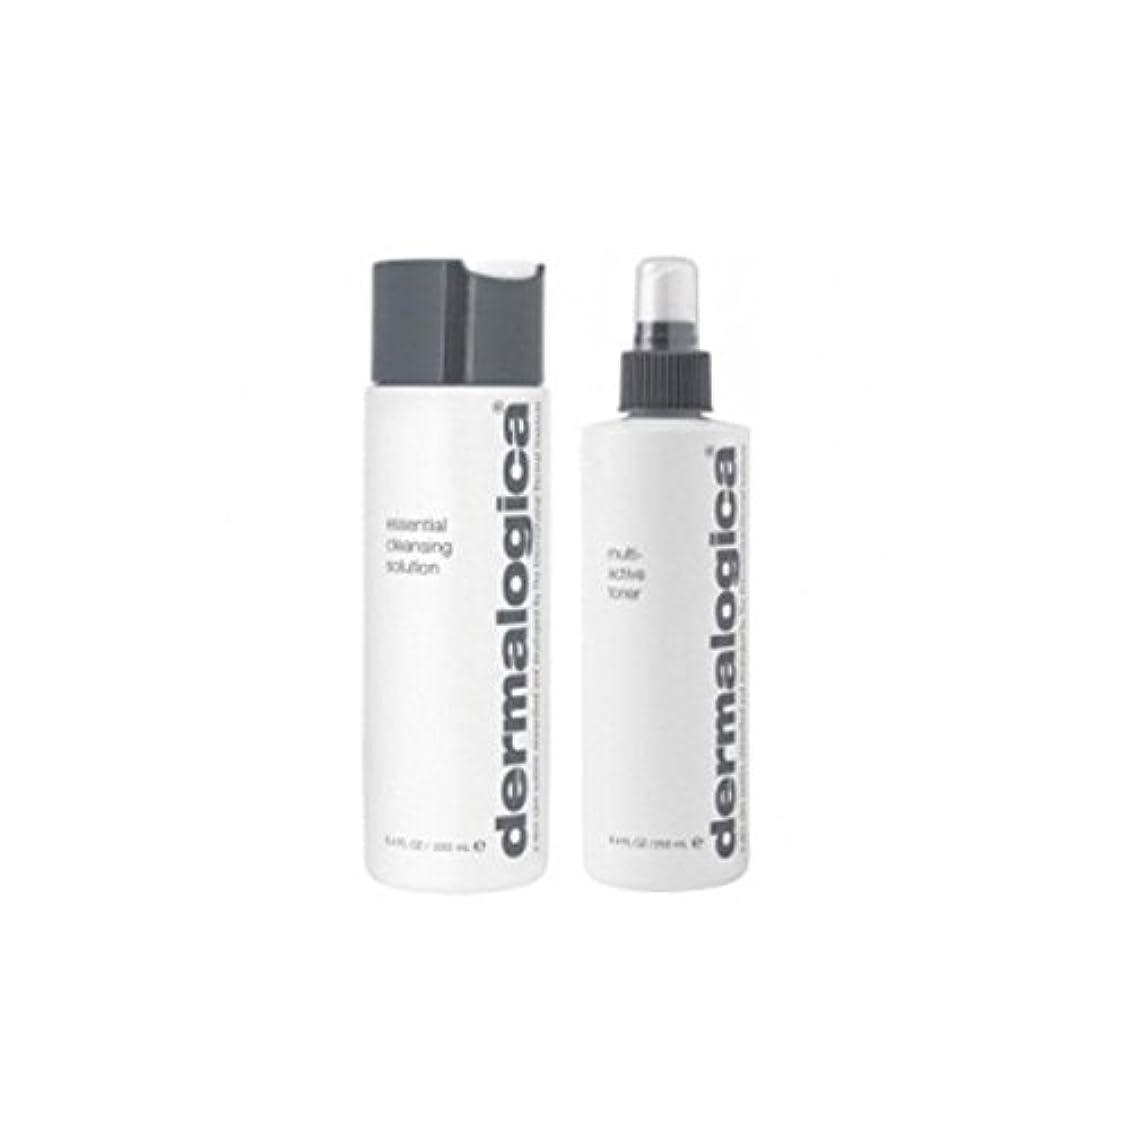 司法追い付く教えるDermalogica Cleanse & Tone Duo - Dry Skin - ダーマロジカクレンジング&トーンデュオ - 乾燥肌 [並行輸入品]